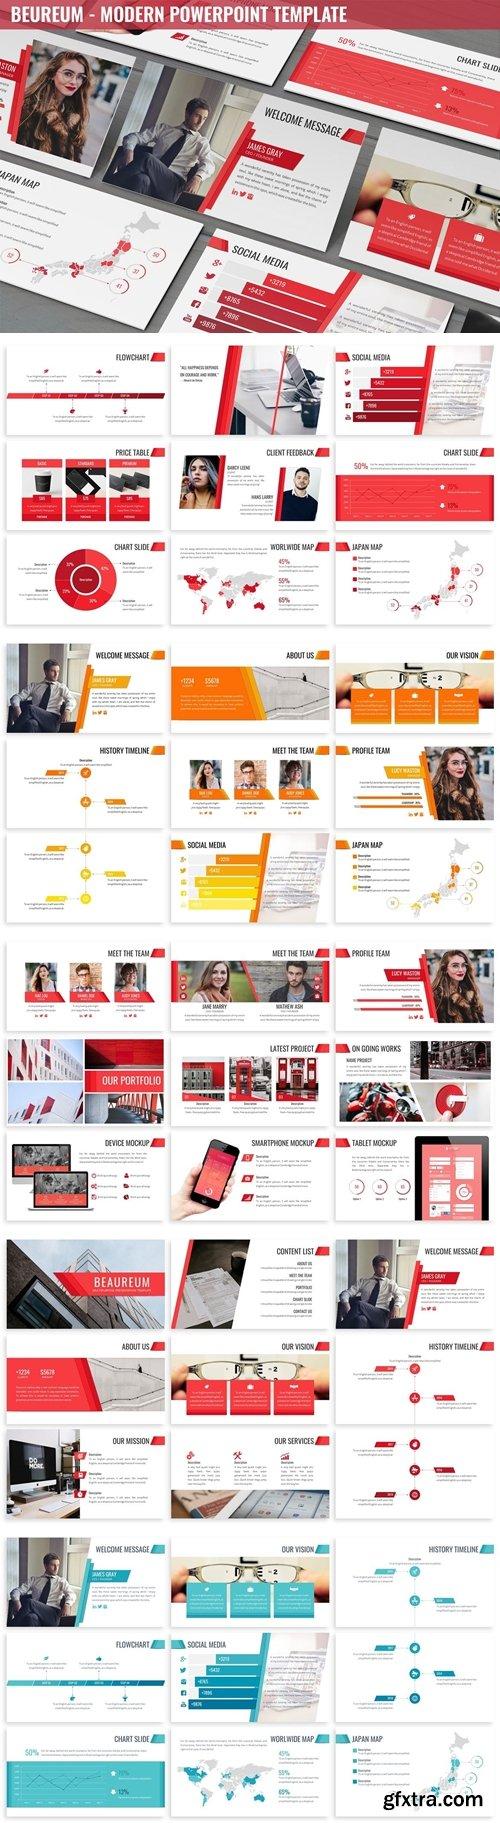 Beaureum - Modern Powerpoint Template